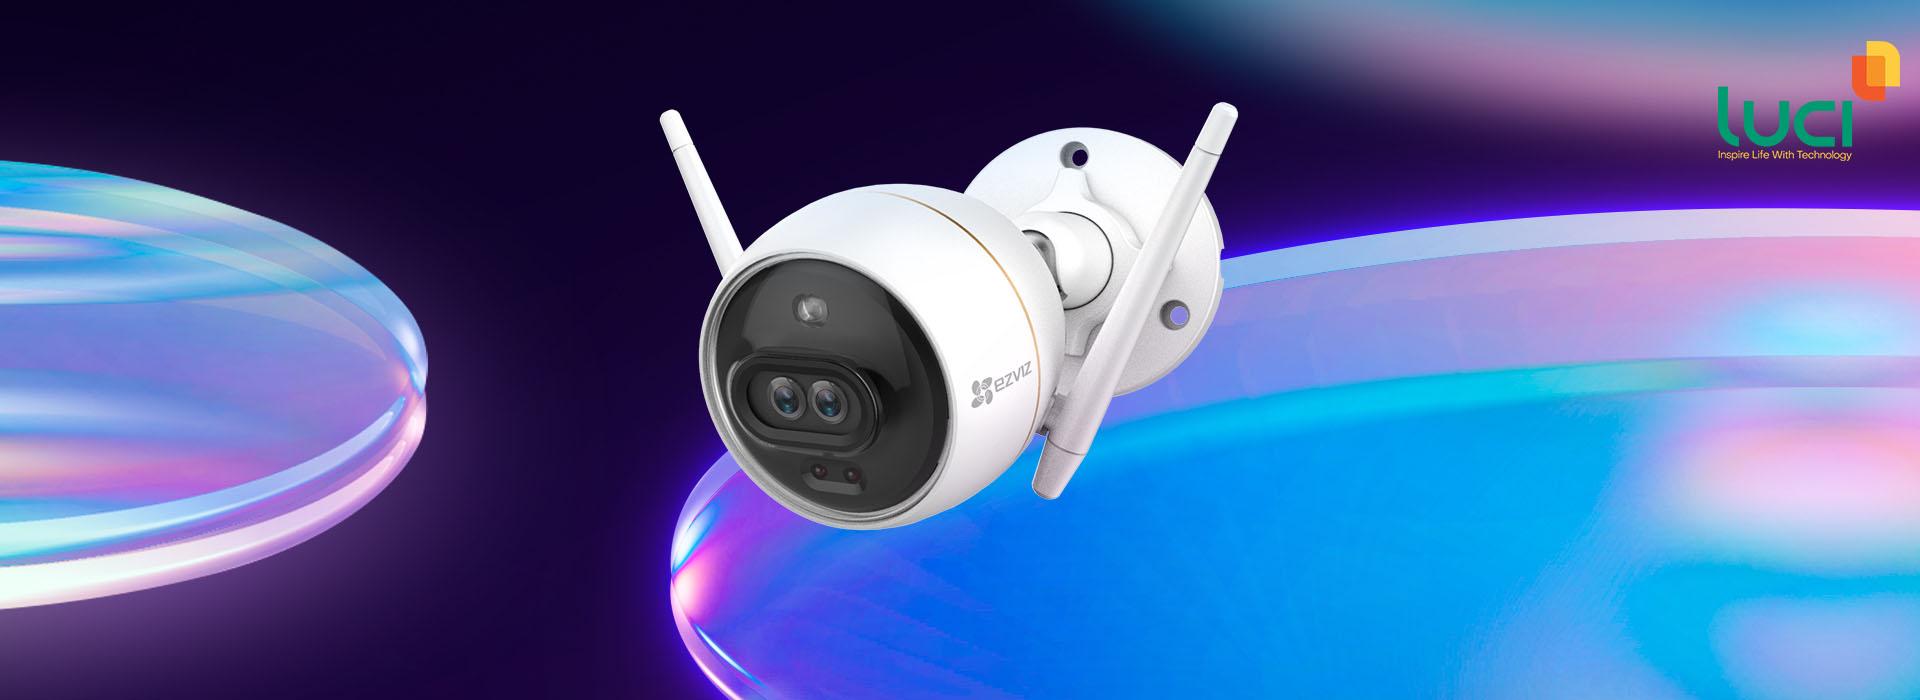 Các hộ gia đình thường xuyên sử dụng dòng camera này